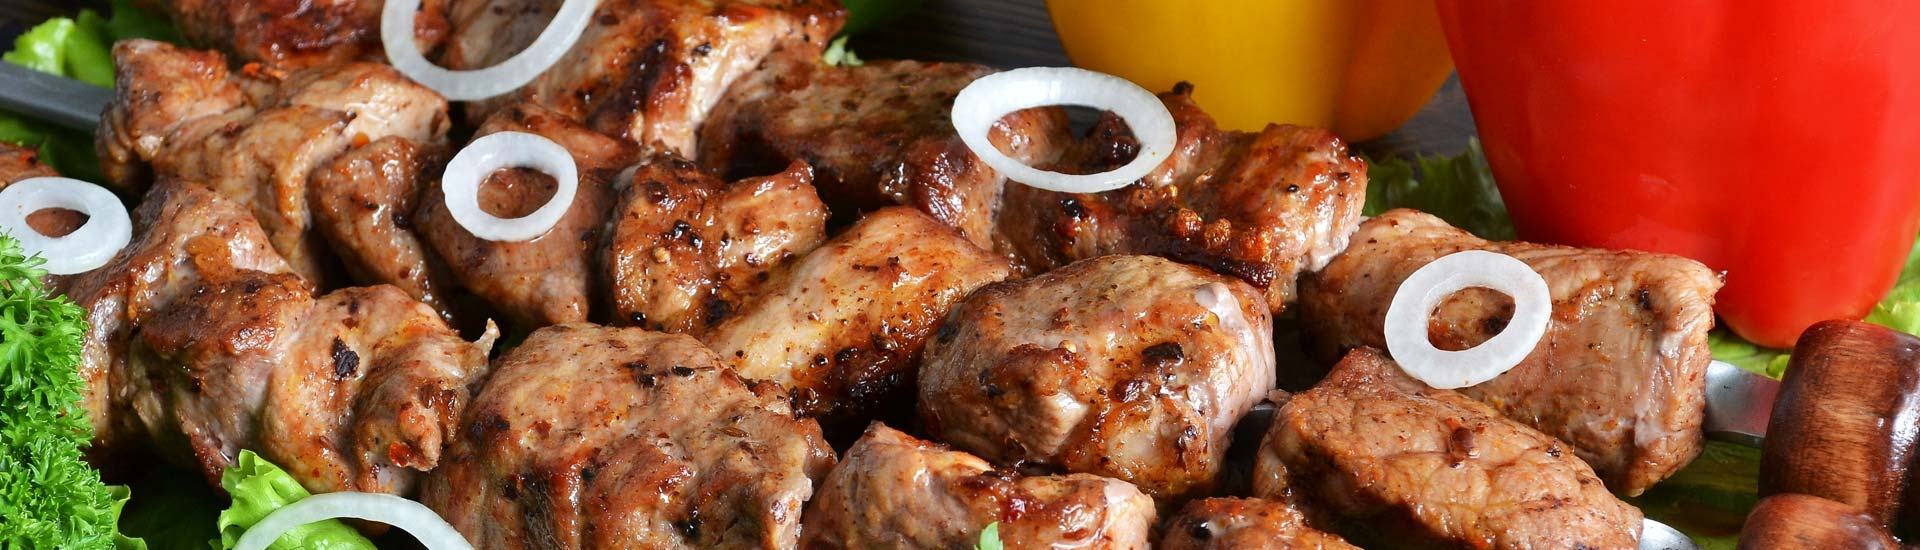 Заказ мяса для шашлыка – специальное предложение от сети магазинов «Рожки и Ножки»